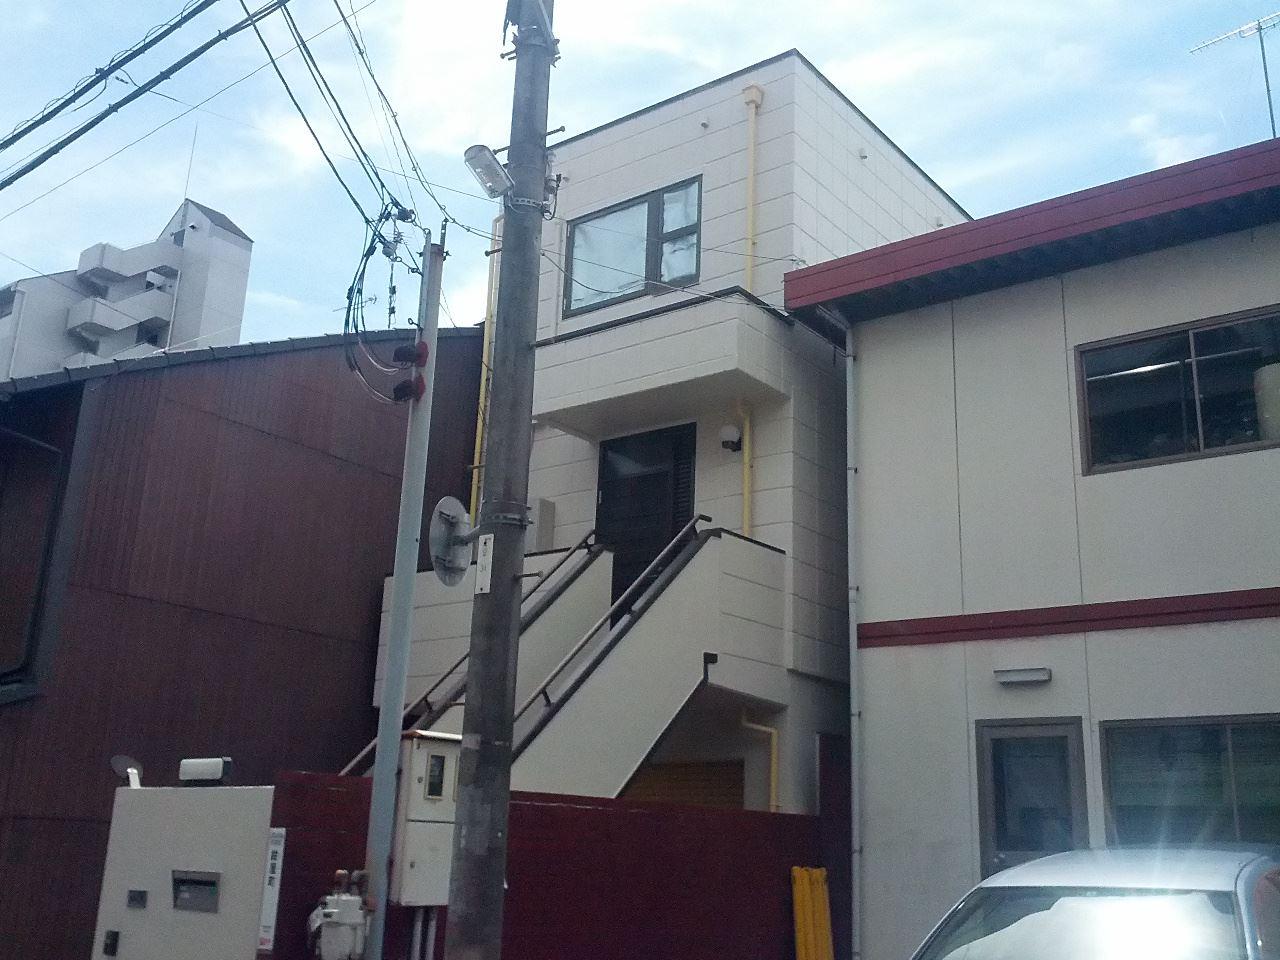 伏見区柳川様邸外壁塗装工事の施工後写真その1